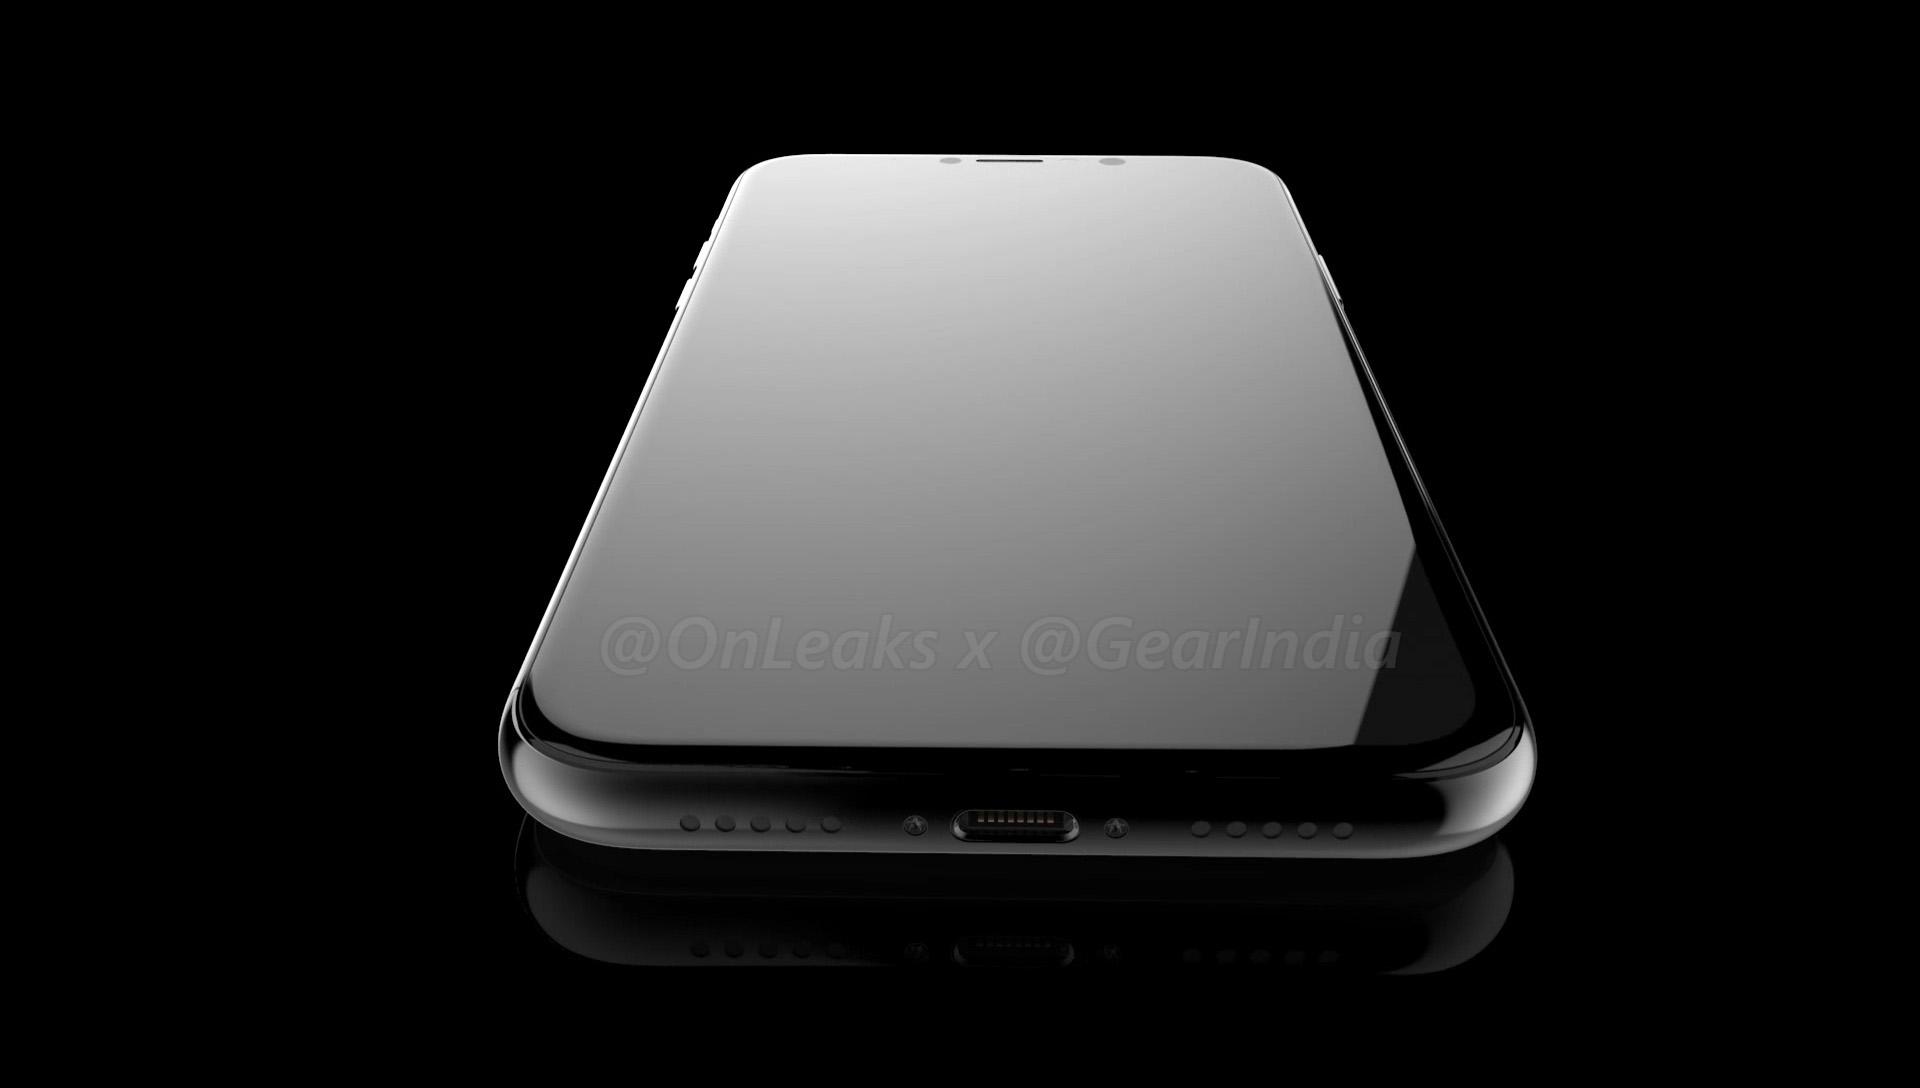 onleaks-iphone-8-lauren-blog-2.jpg